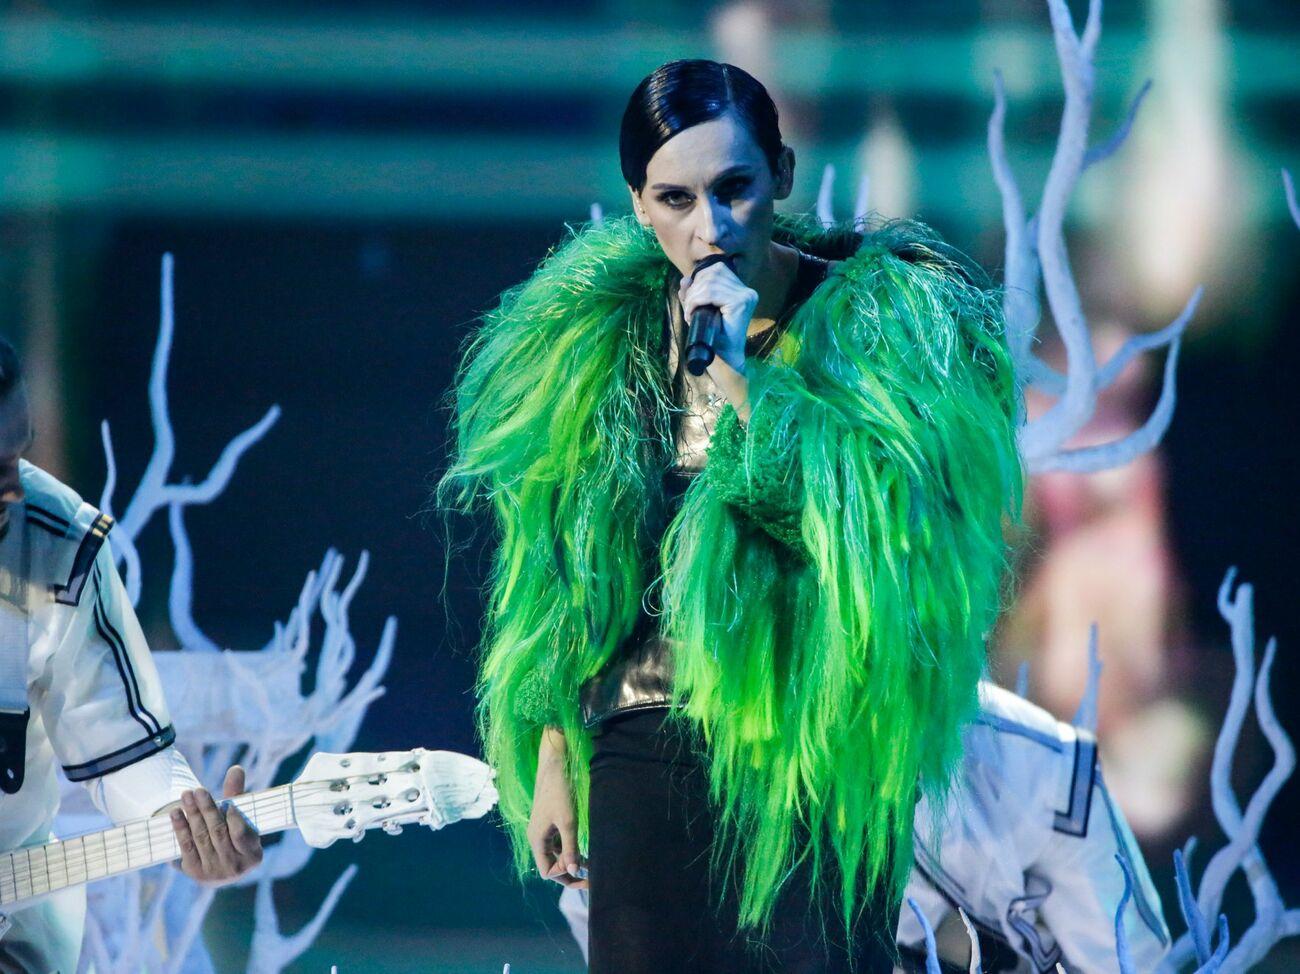 Топ-10 вероятных претендентов на победу на «Евровидении 2021» по версии букмекеров. Видео